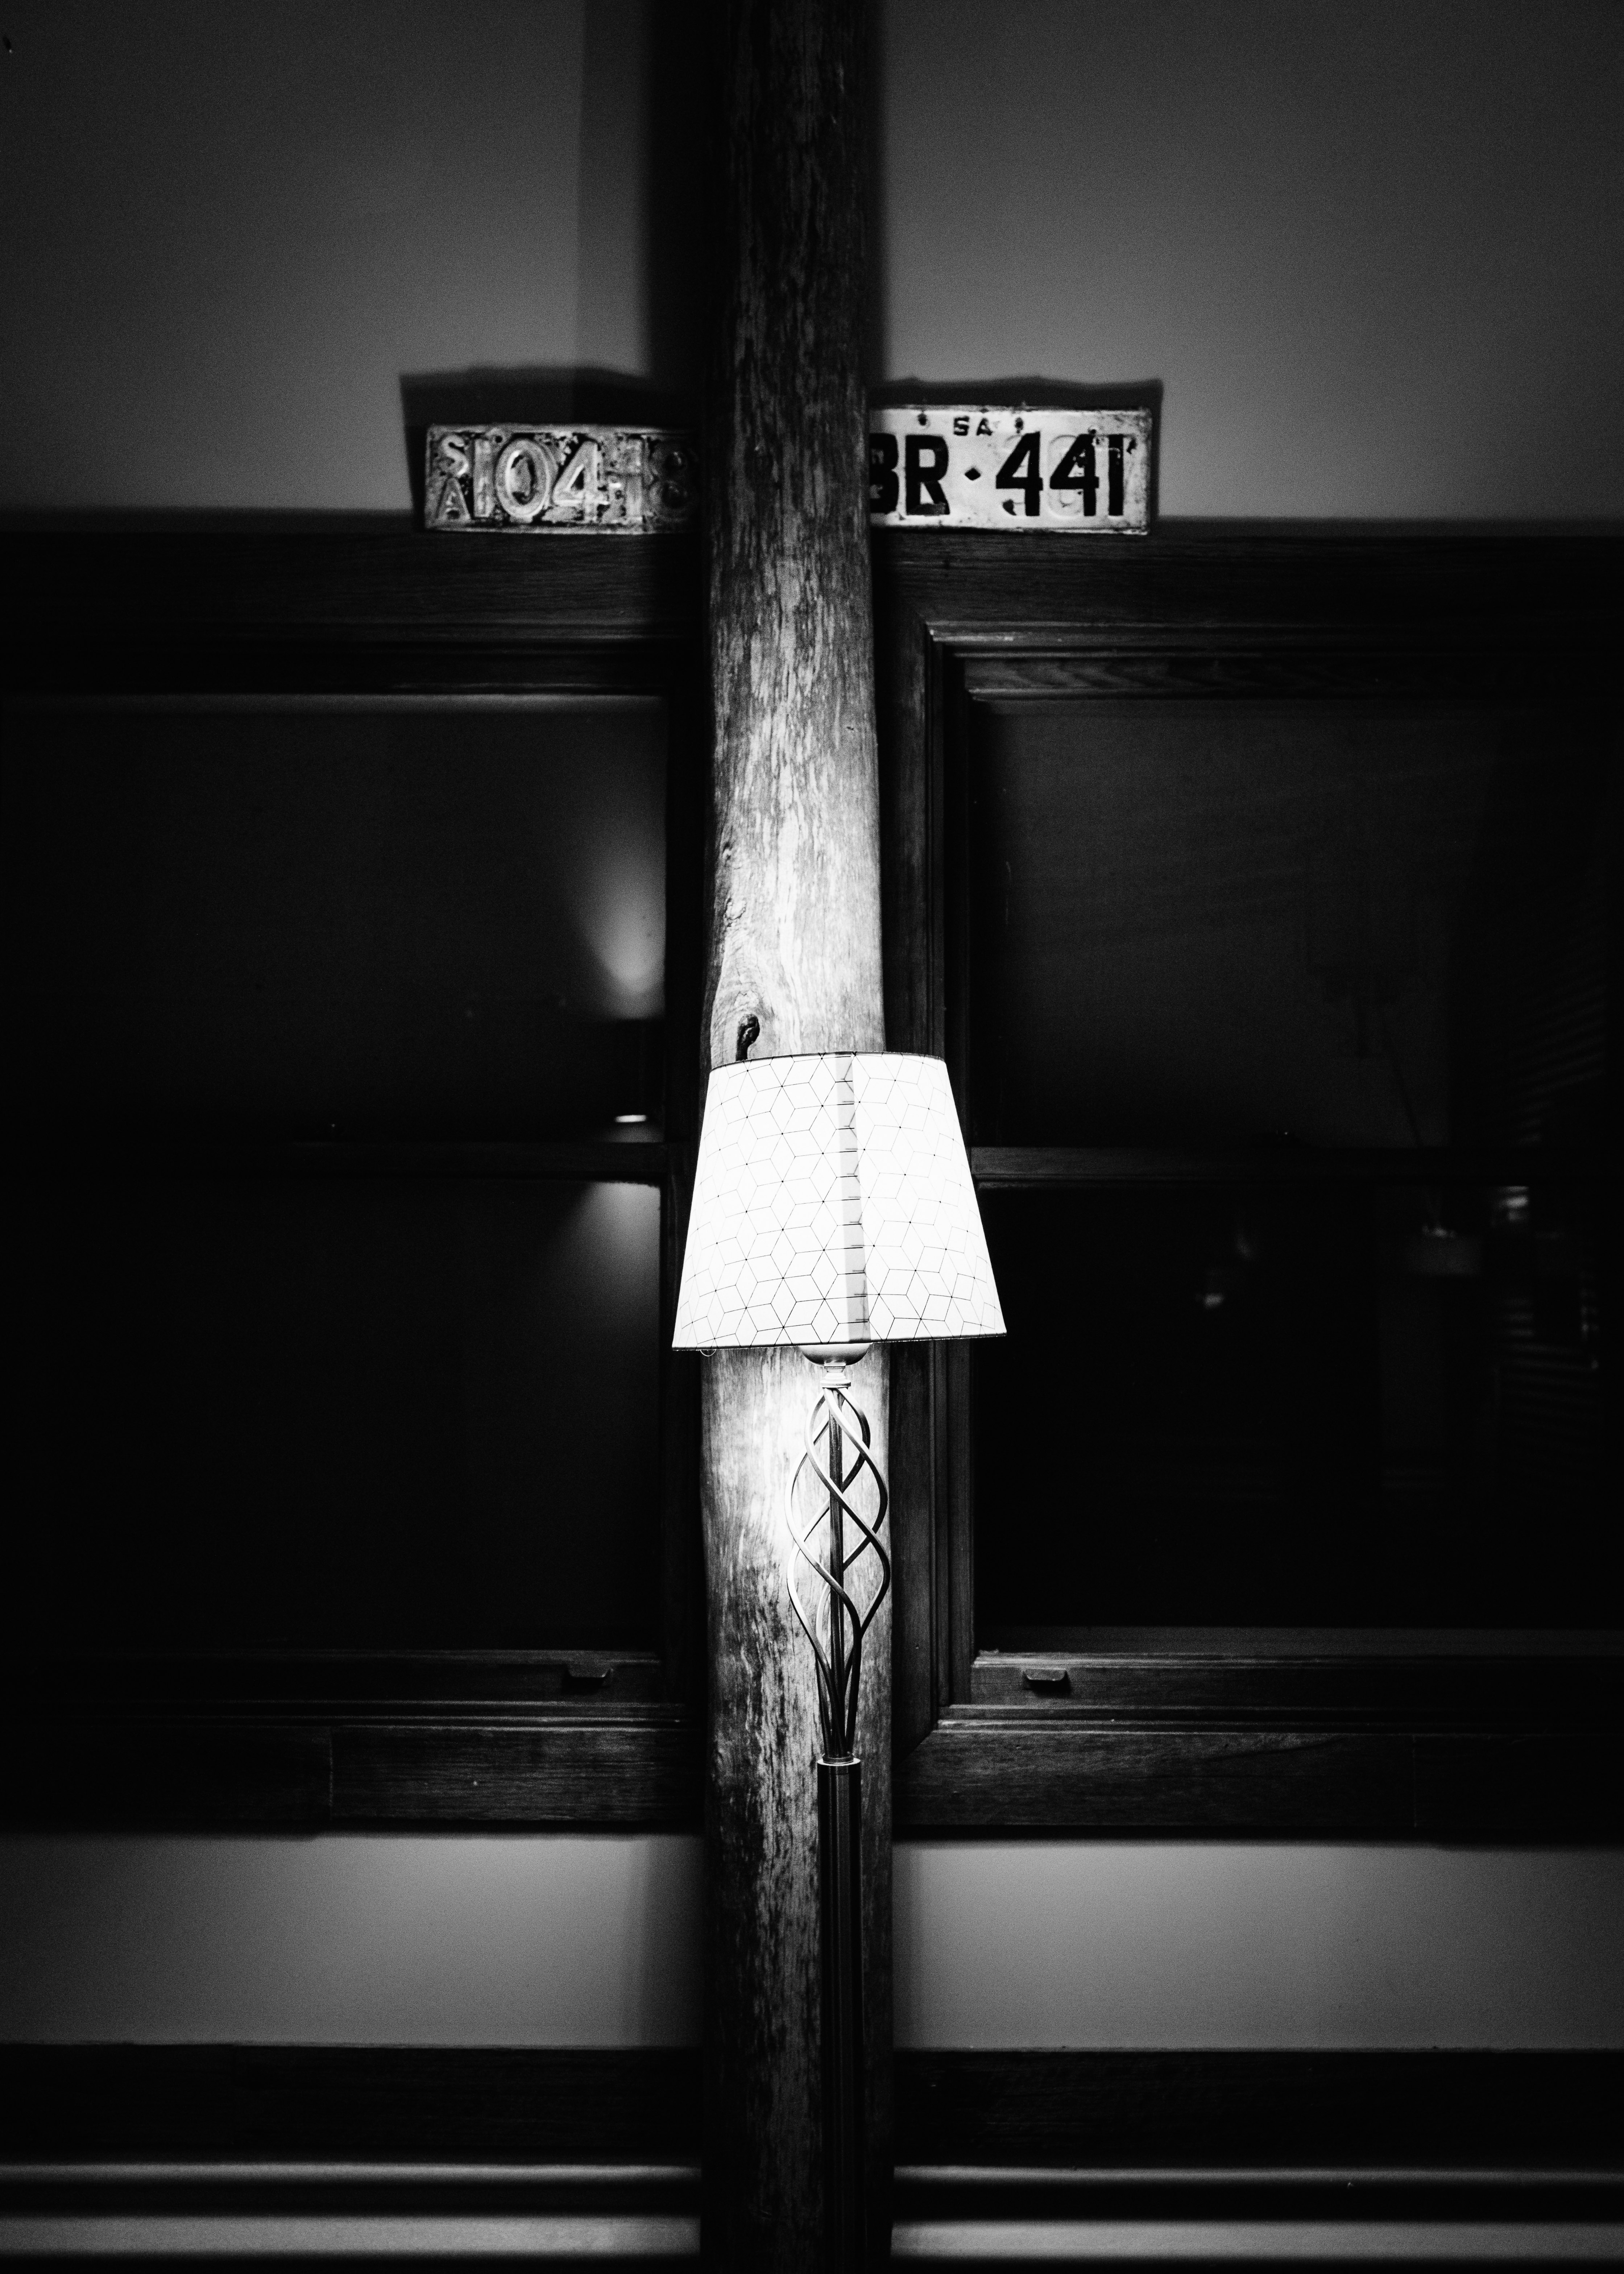 免費下載 63591: 室内, 阴影, 灯, 体重, 星期四, 灯泡, 电, 电能, 阿巴祖尔 桌面壁紙